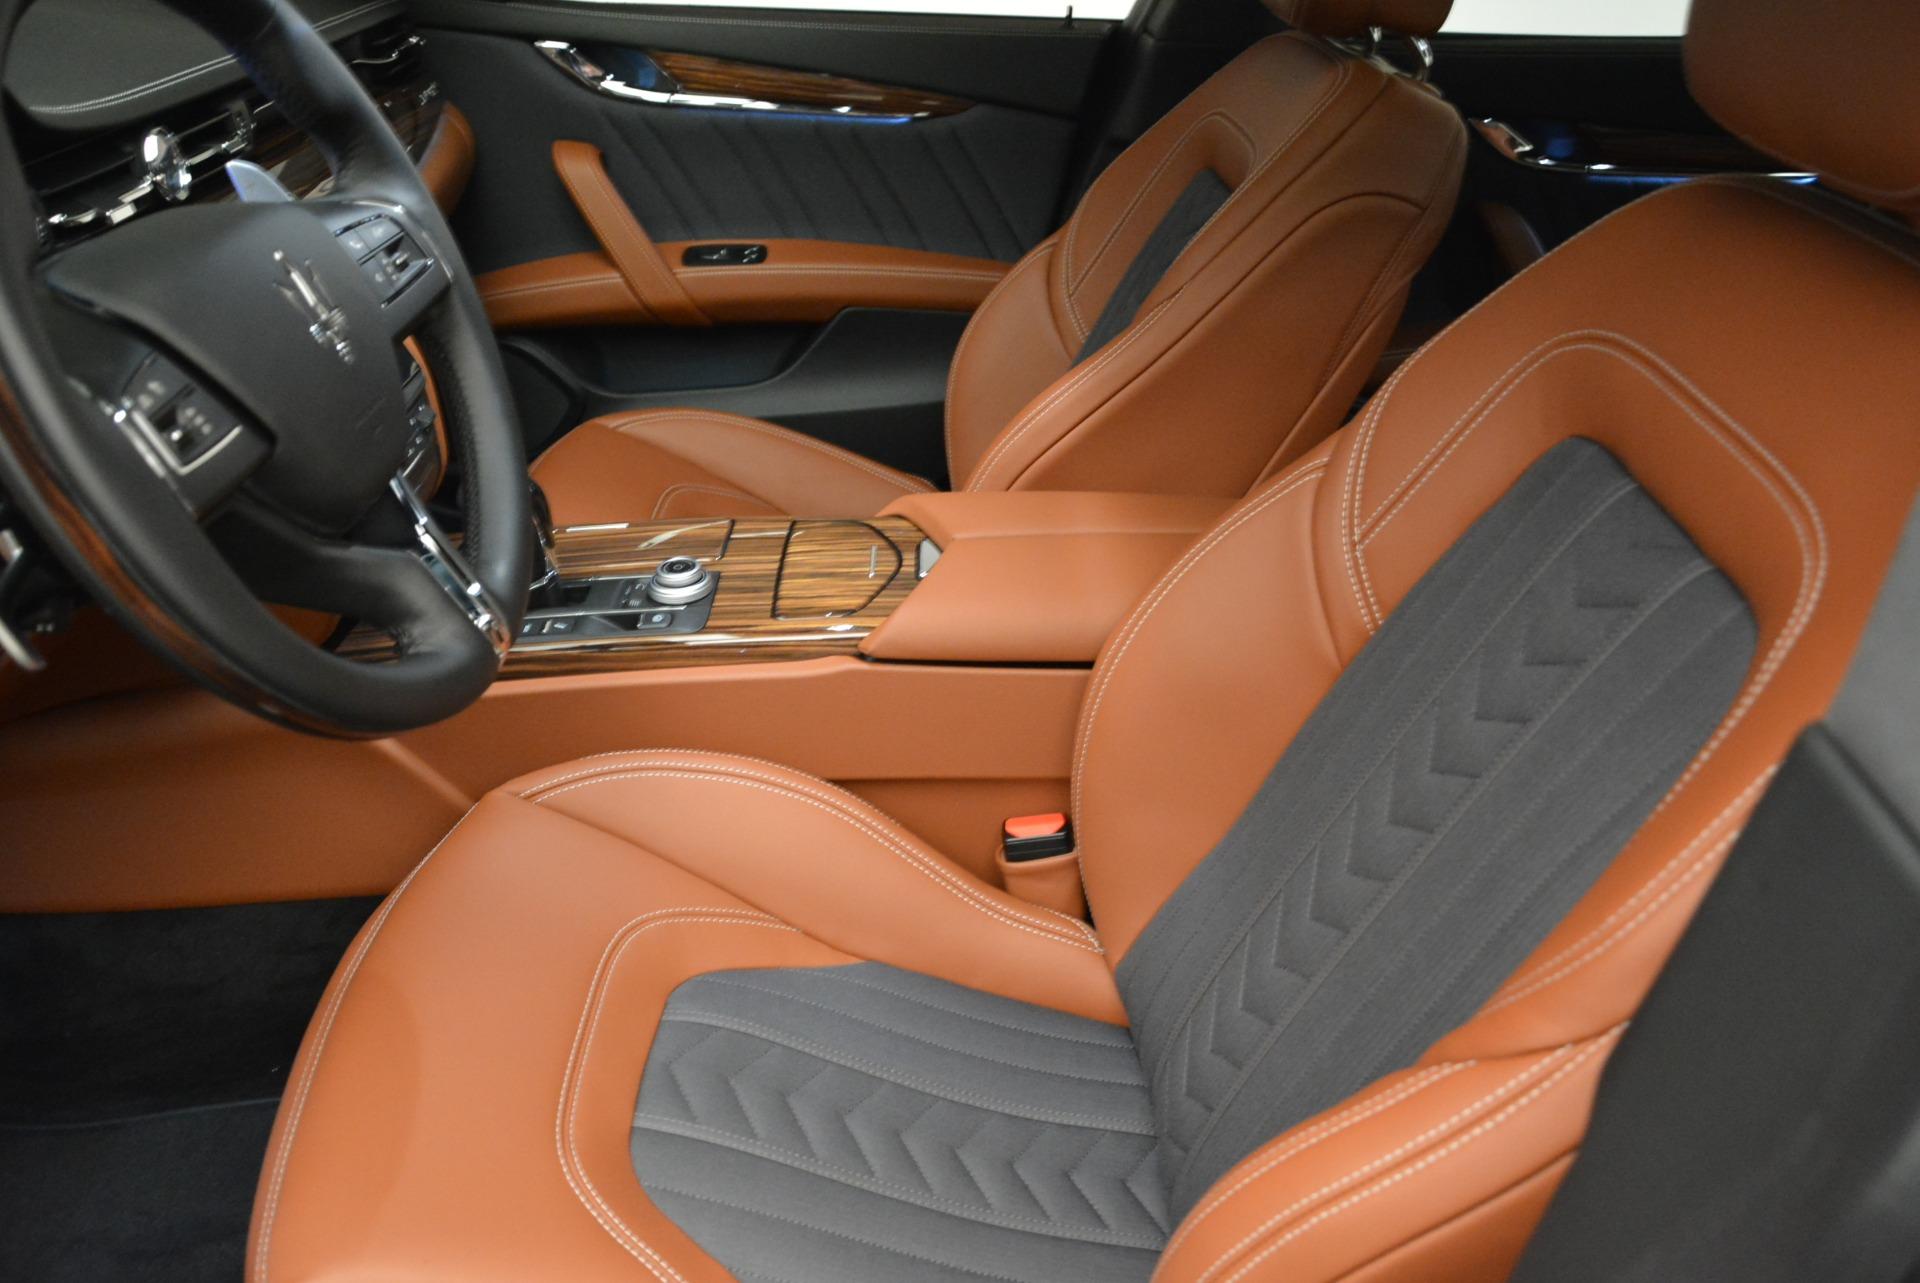 New 2018 Maserati Quattroporte S Q4 GranLusso For Sale In Greenwich, CT 1816_p14